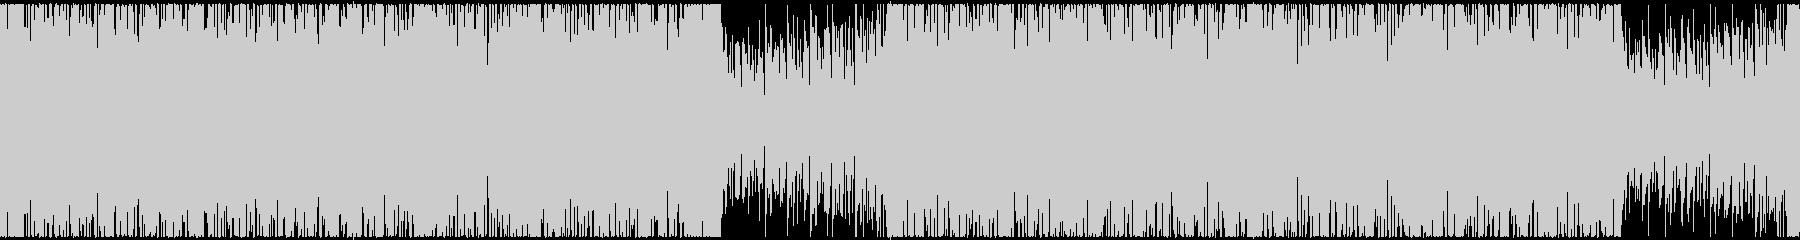 【ループ対応】切ないミドルテンポEDMの未再生の波形